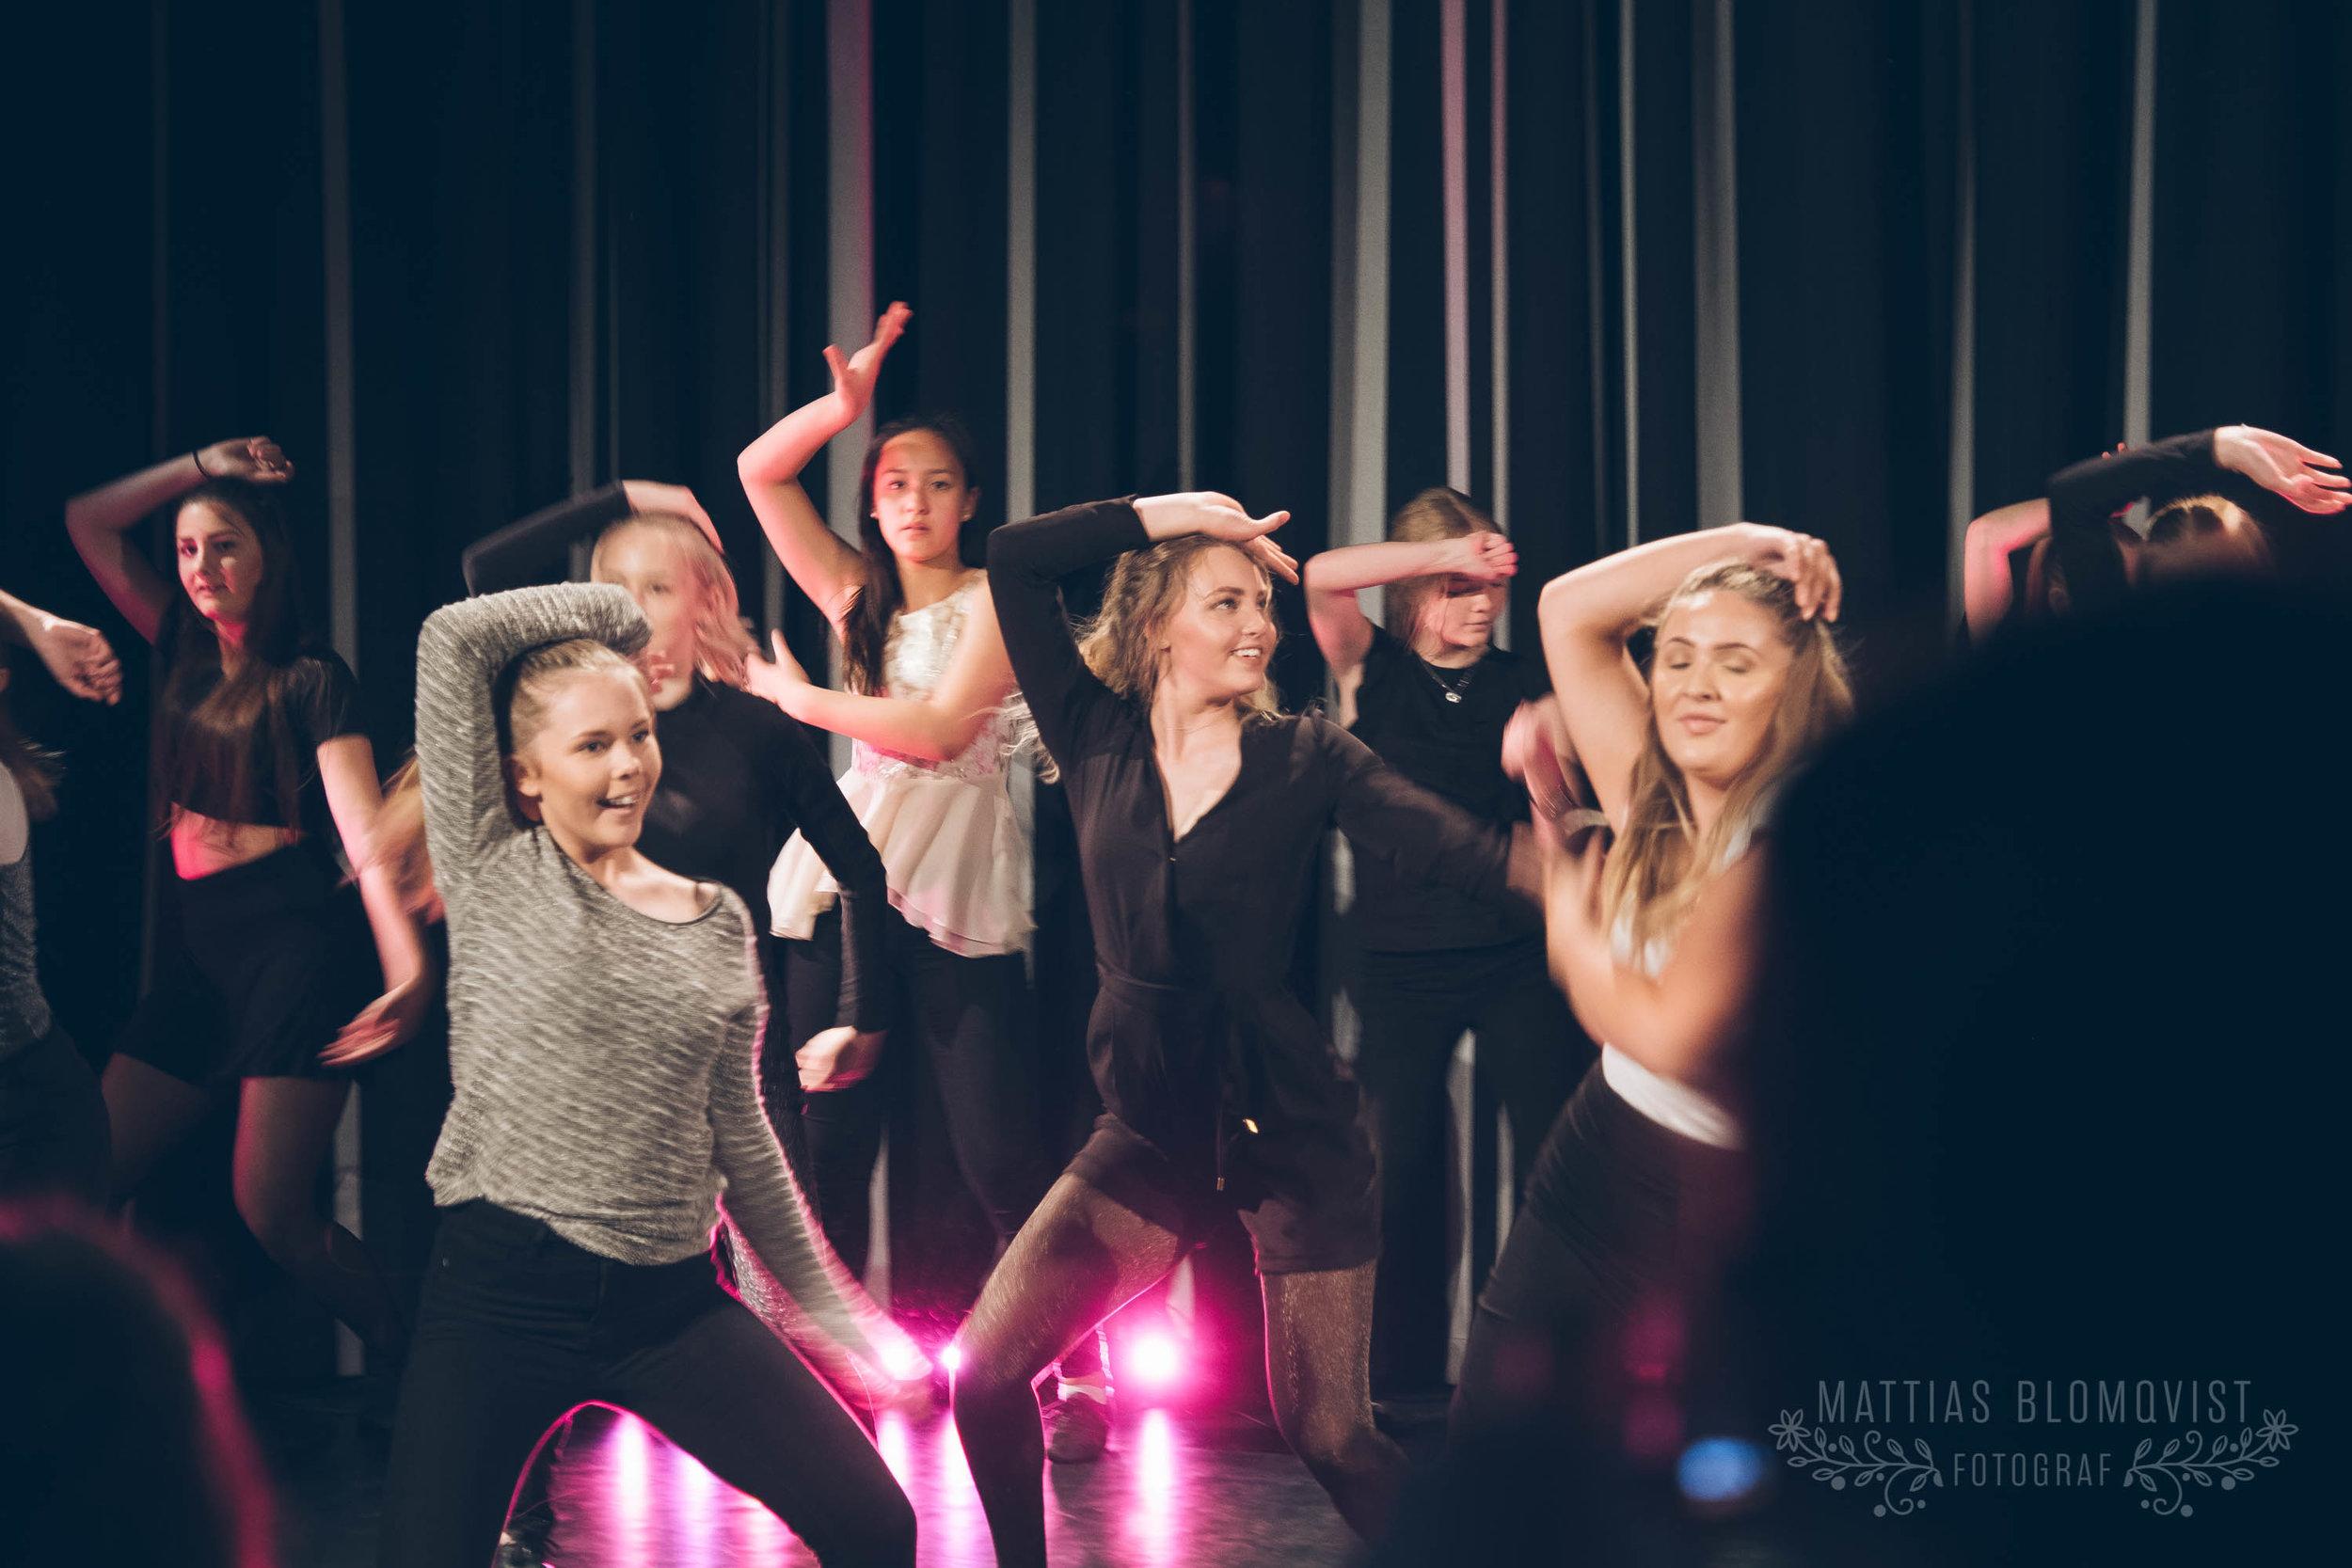 Dansavslutning2017-DSCF8336.jpg